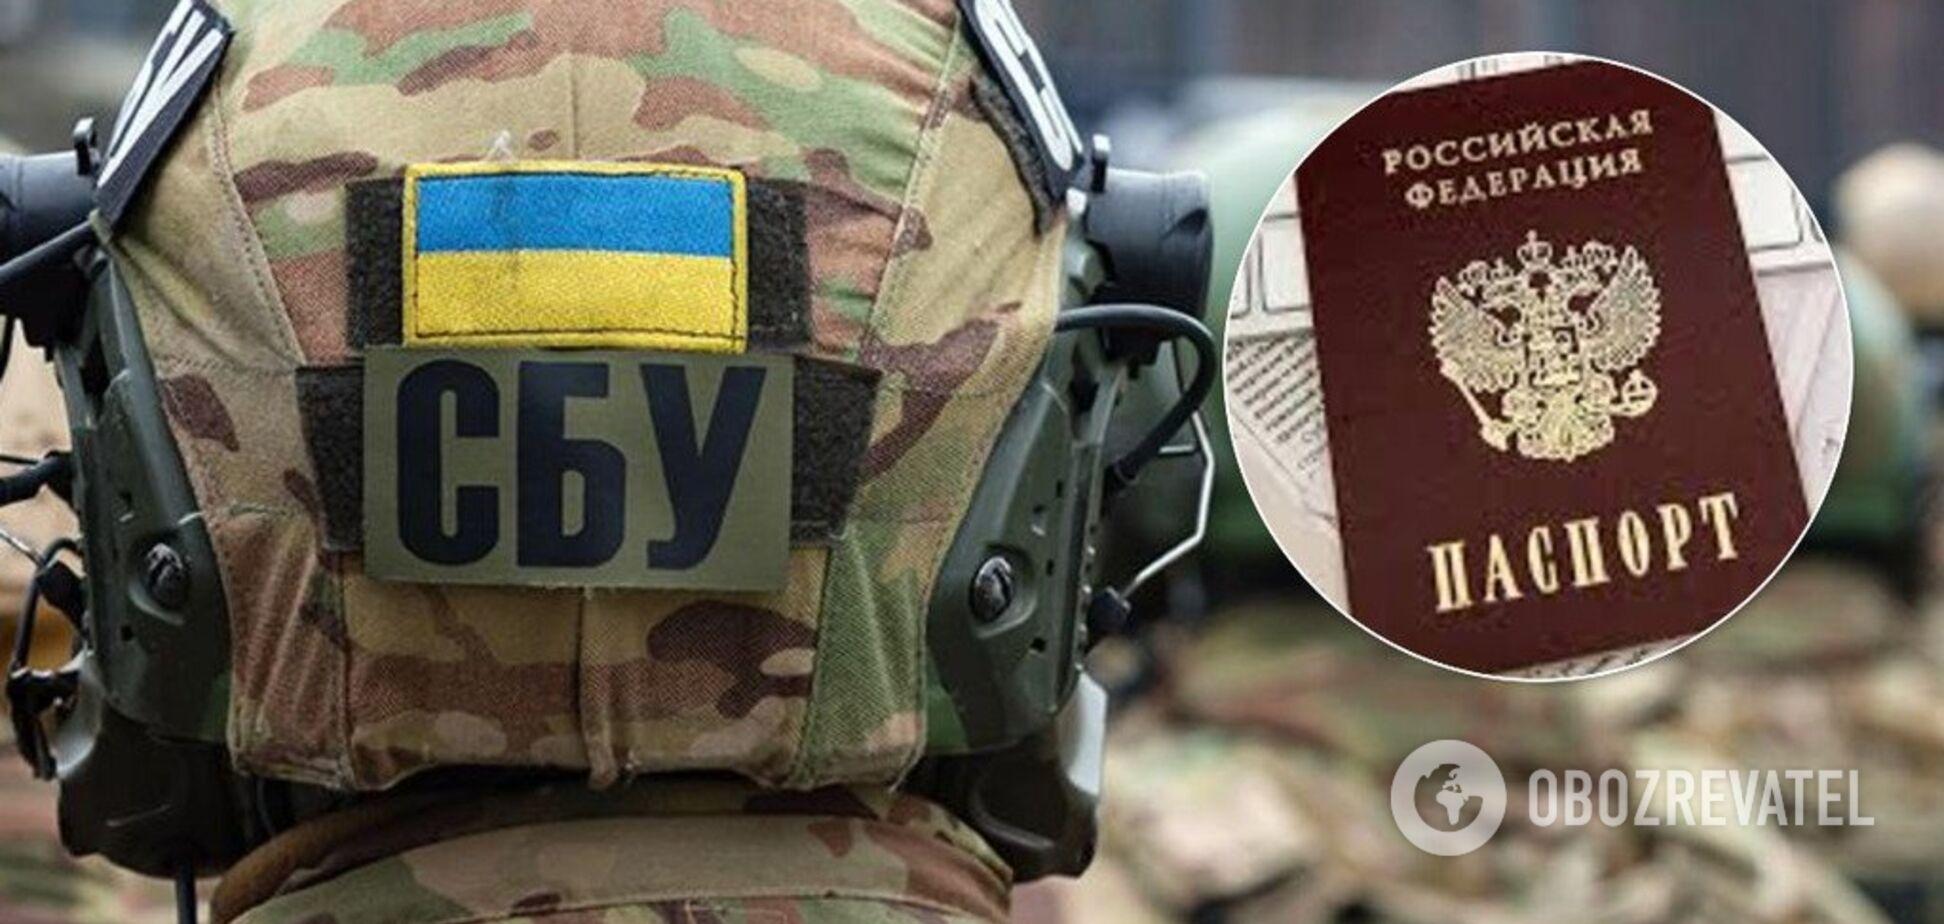 Контракт у ФСБ та паспорт РФ: СБУ викрила кримчанку-зрадницю